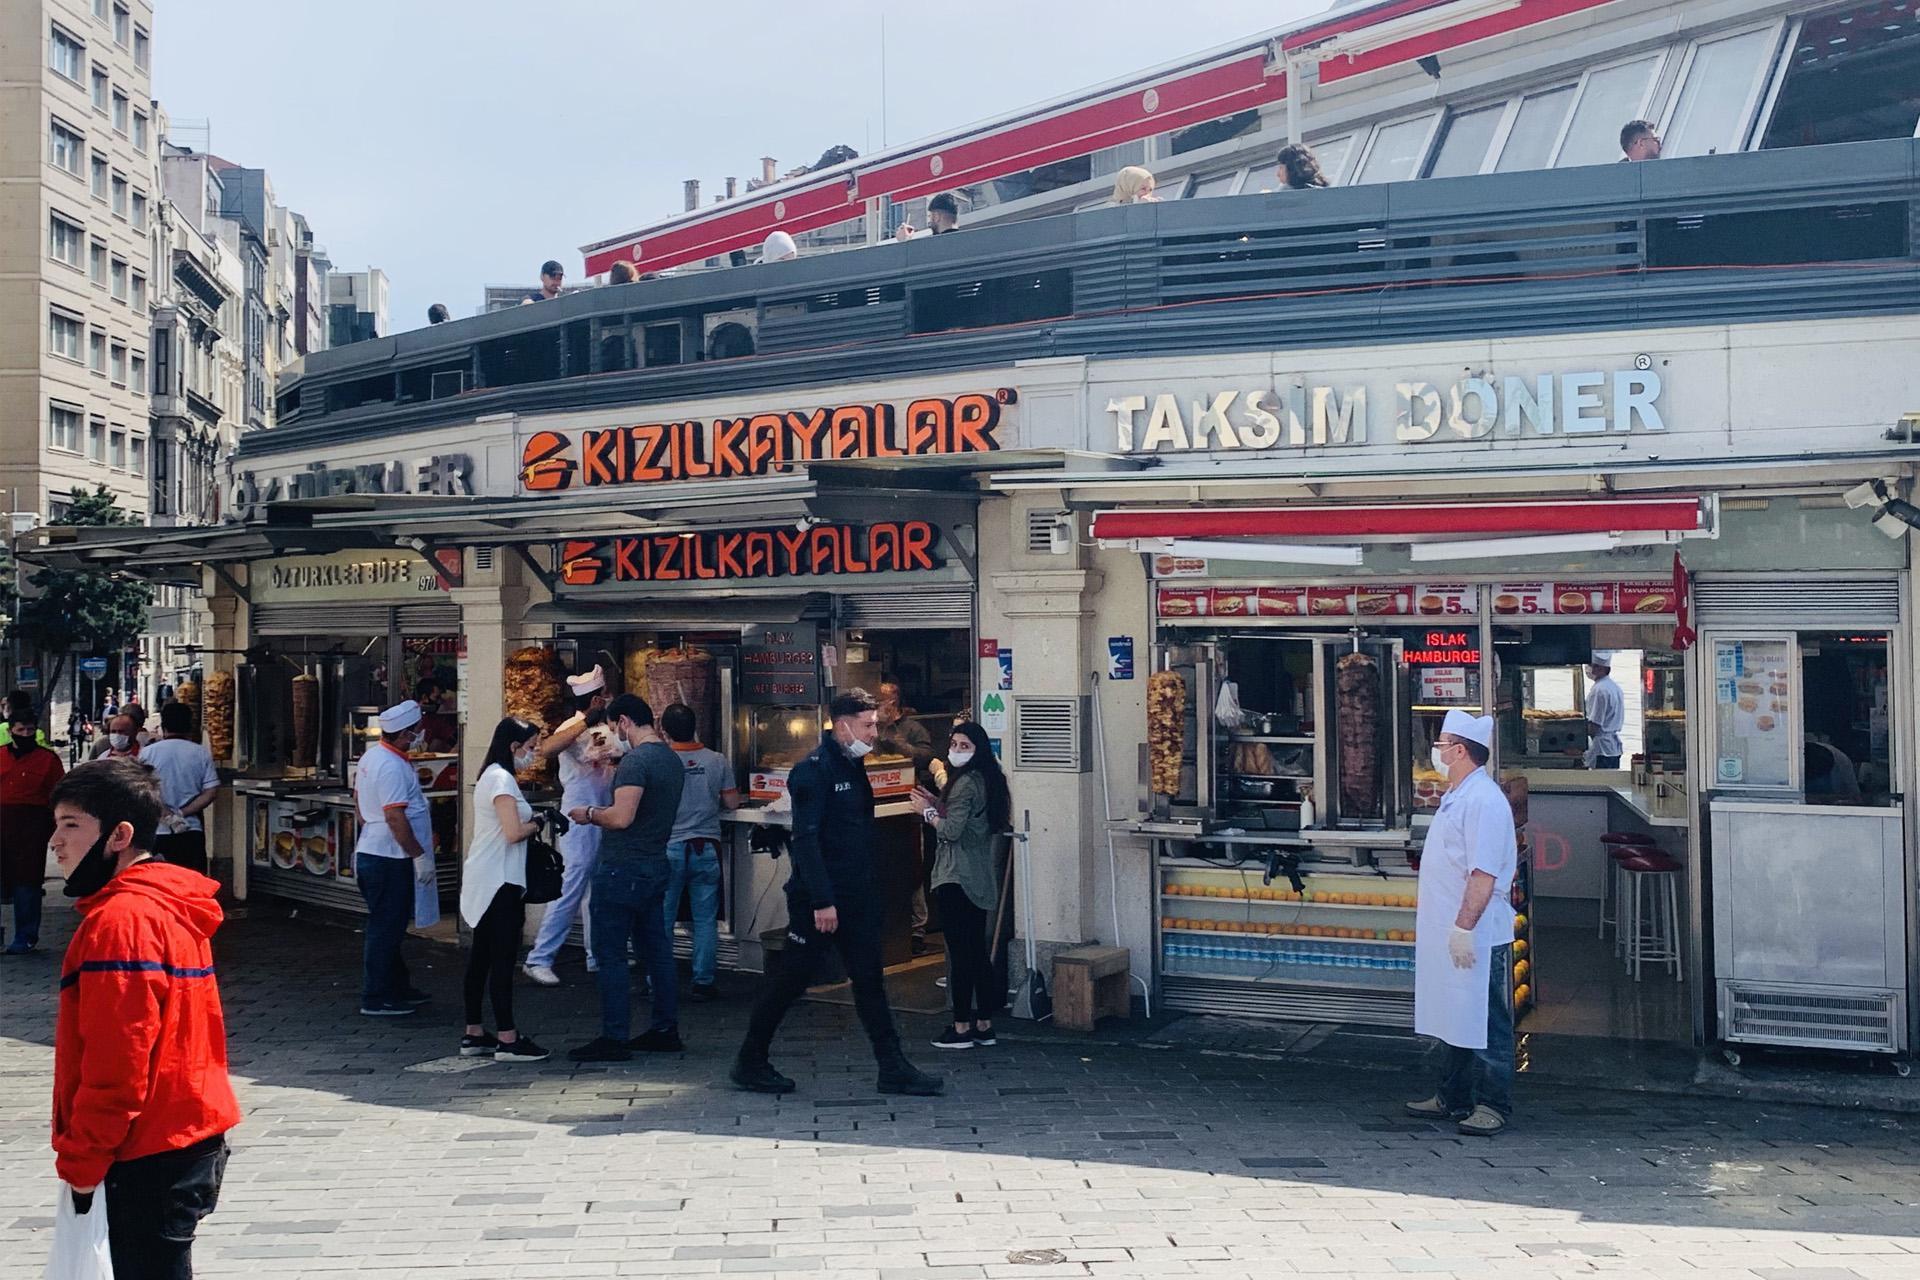 رواد المطاعم توافدوا على المأكولات الشعبية (الجزيرة)